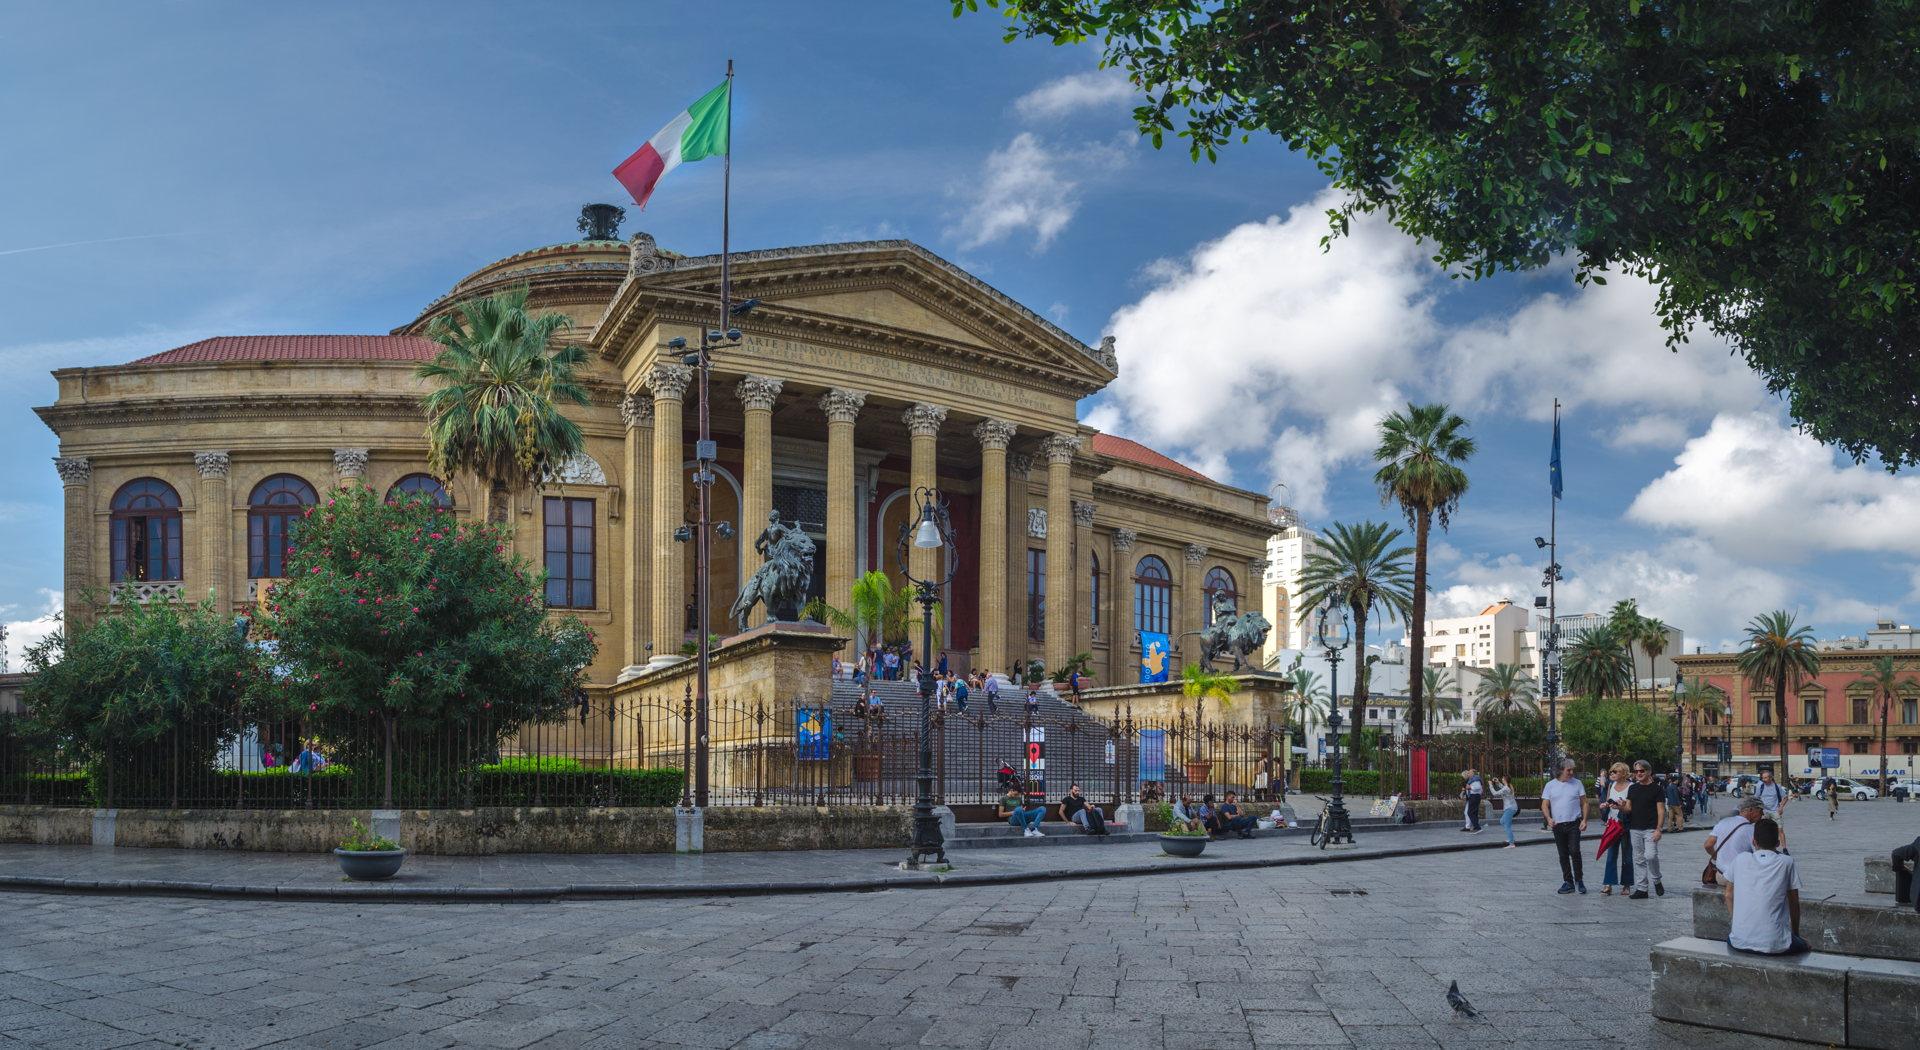 Teatro Massimo, theatre, opera house massimo, opera, opera house, palermo, palermo massimo, al pacino palermo, al pacino theatre godfather, best places to visit in sicily, palermo, sicily